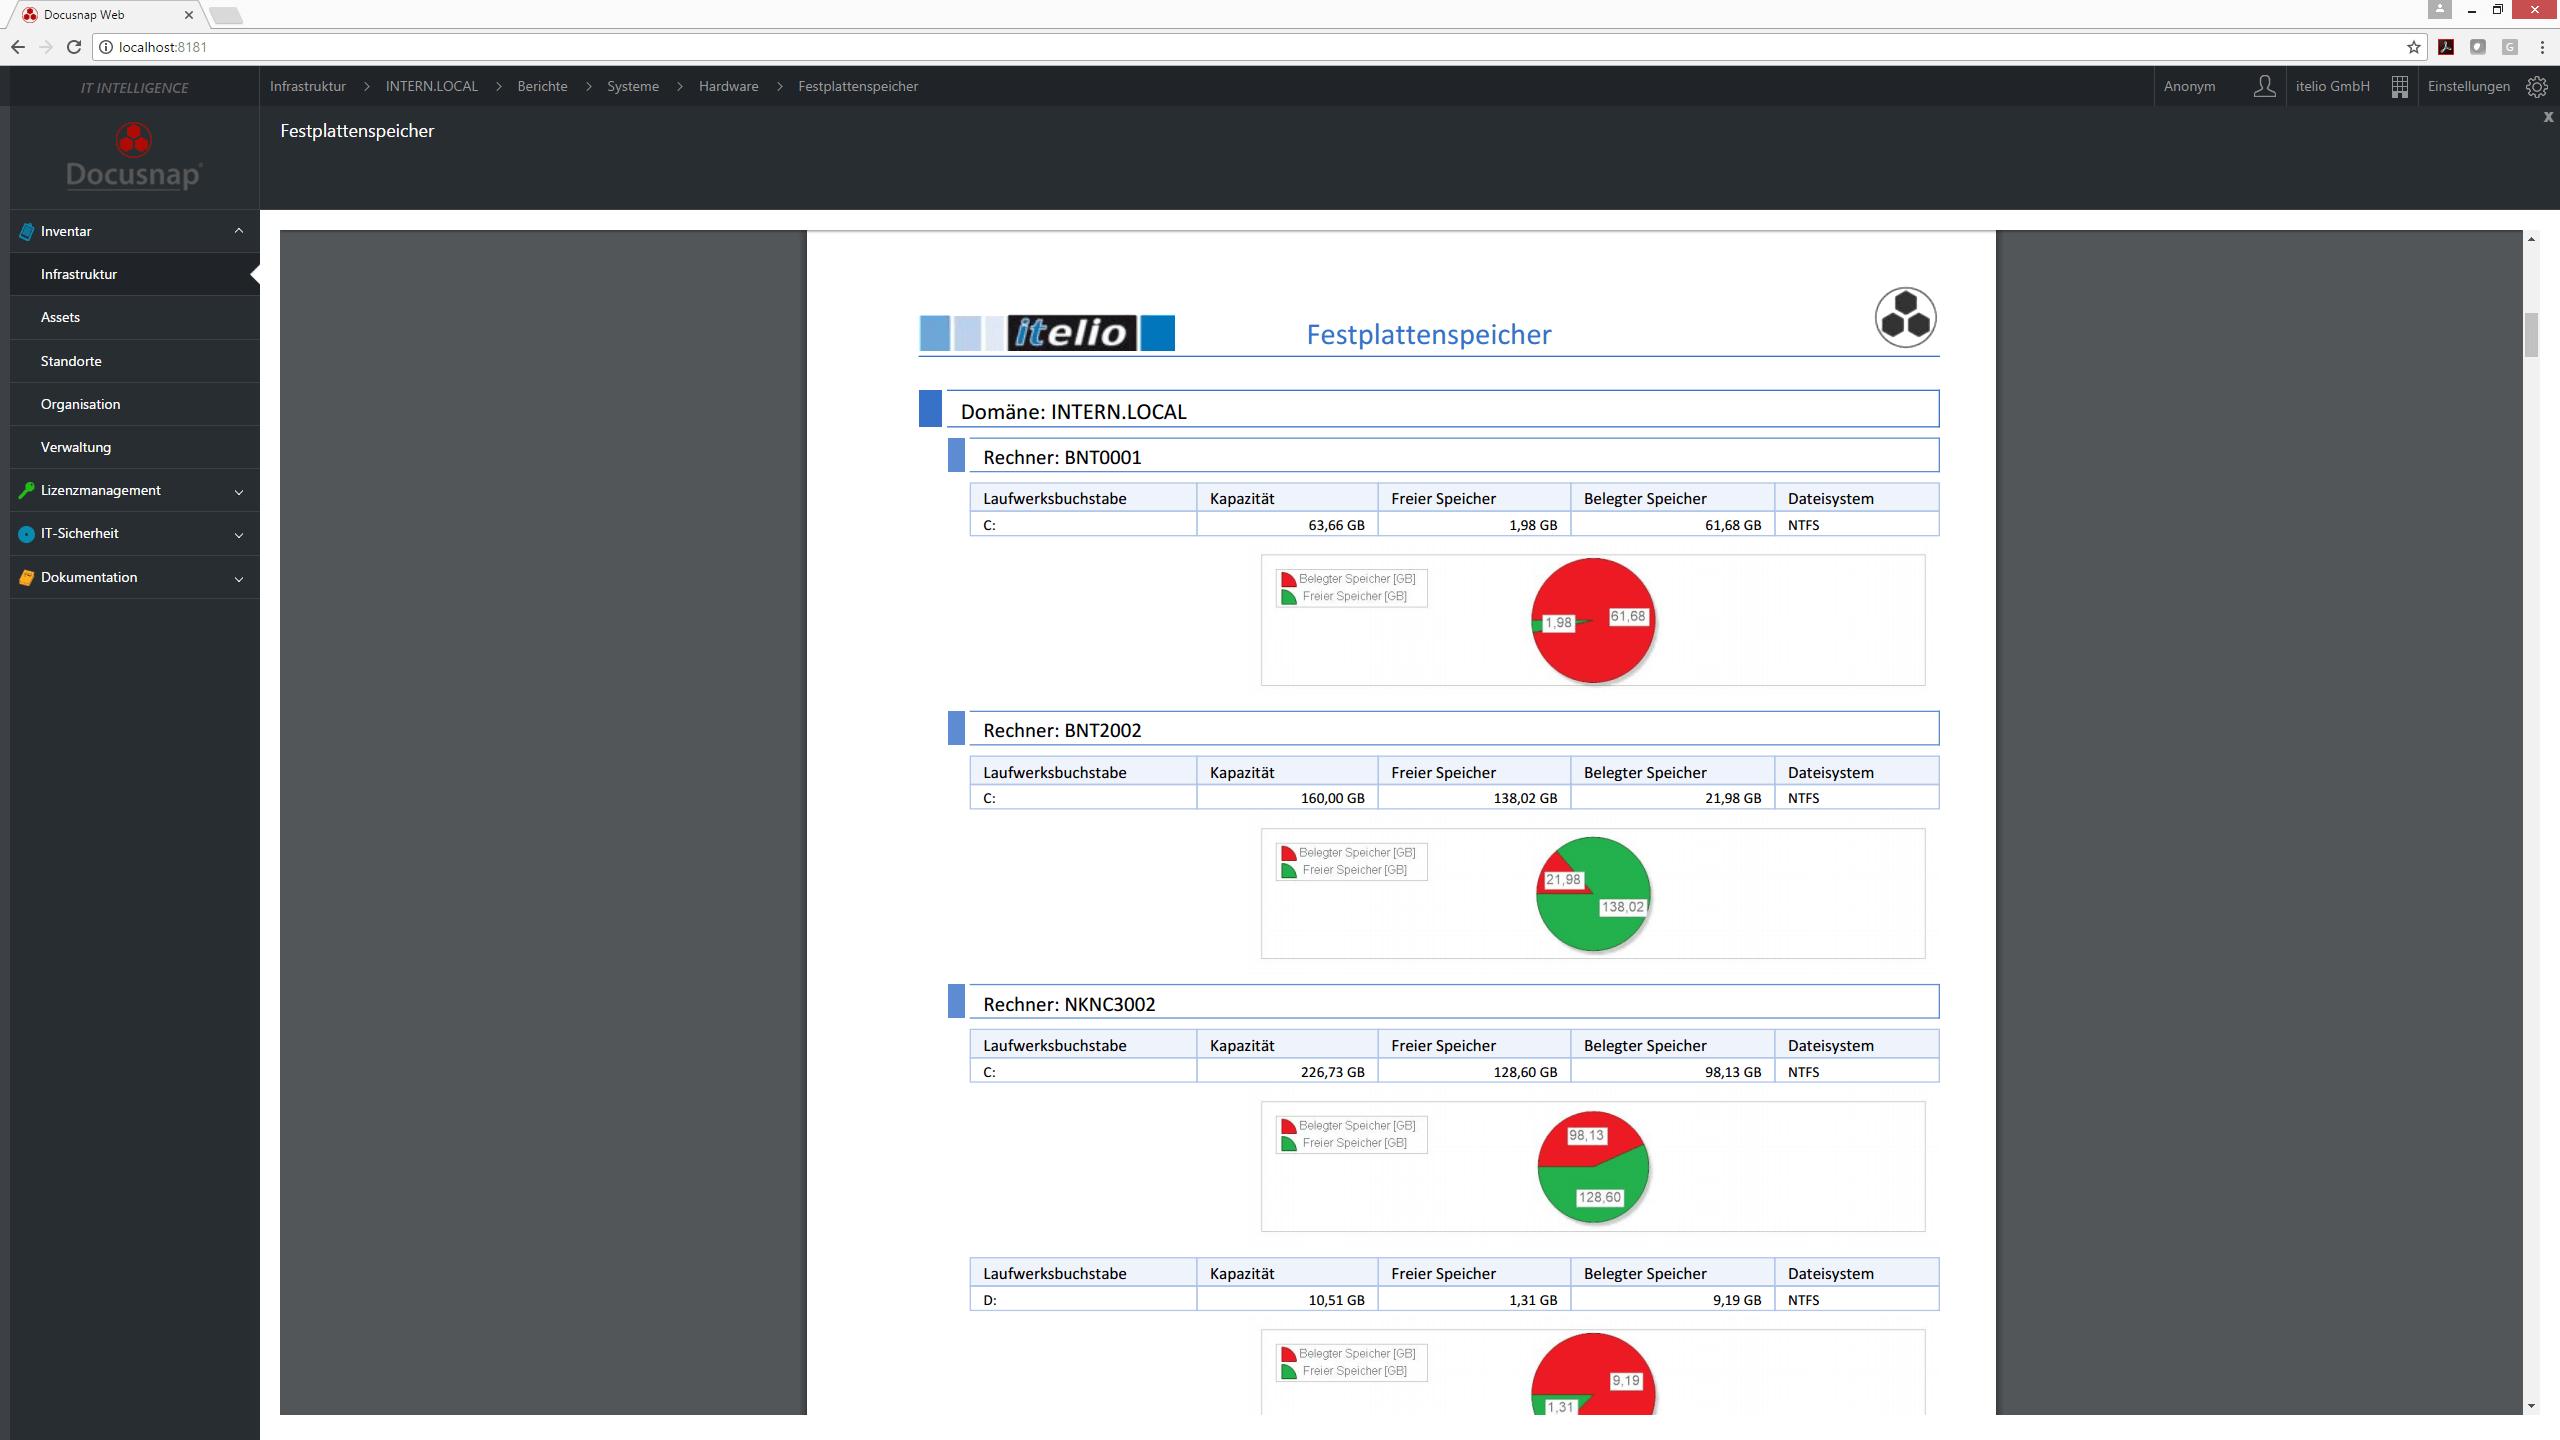 Screenshot: Festplattenspeicher Berichtsausgabe im Docusnap Webclient